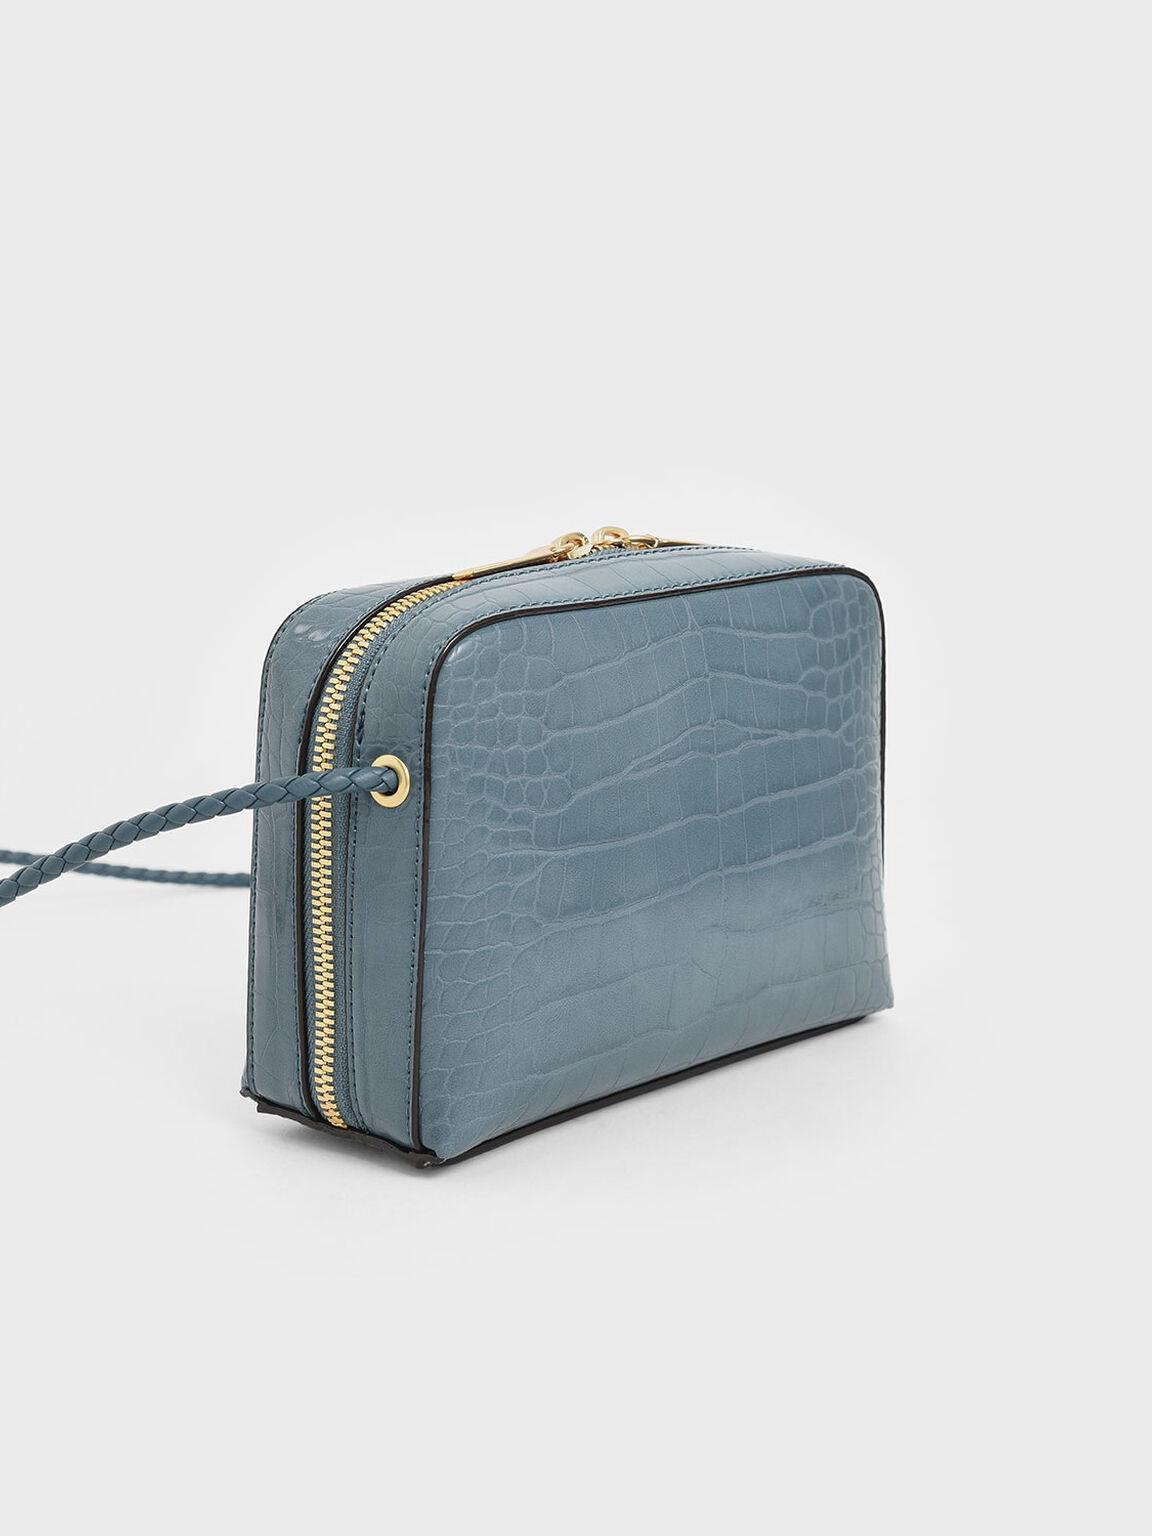 Croc-Effect Mini Rectangular Crossbody Bag, Blue, hi-res